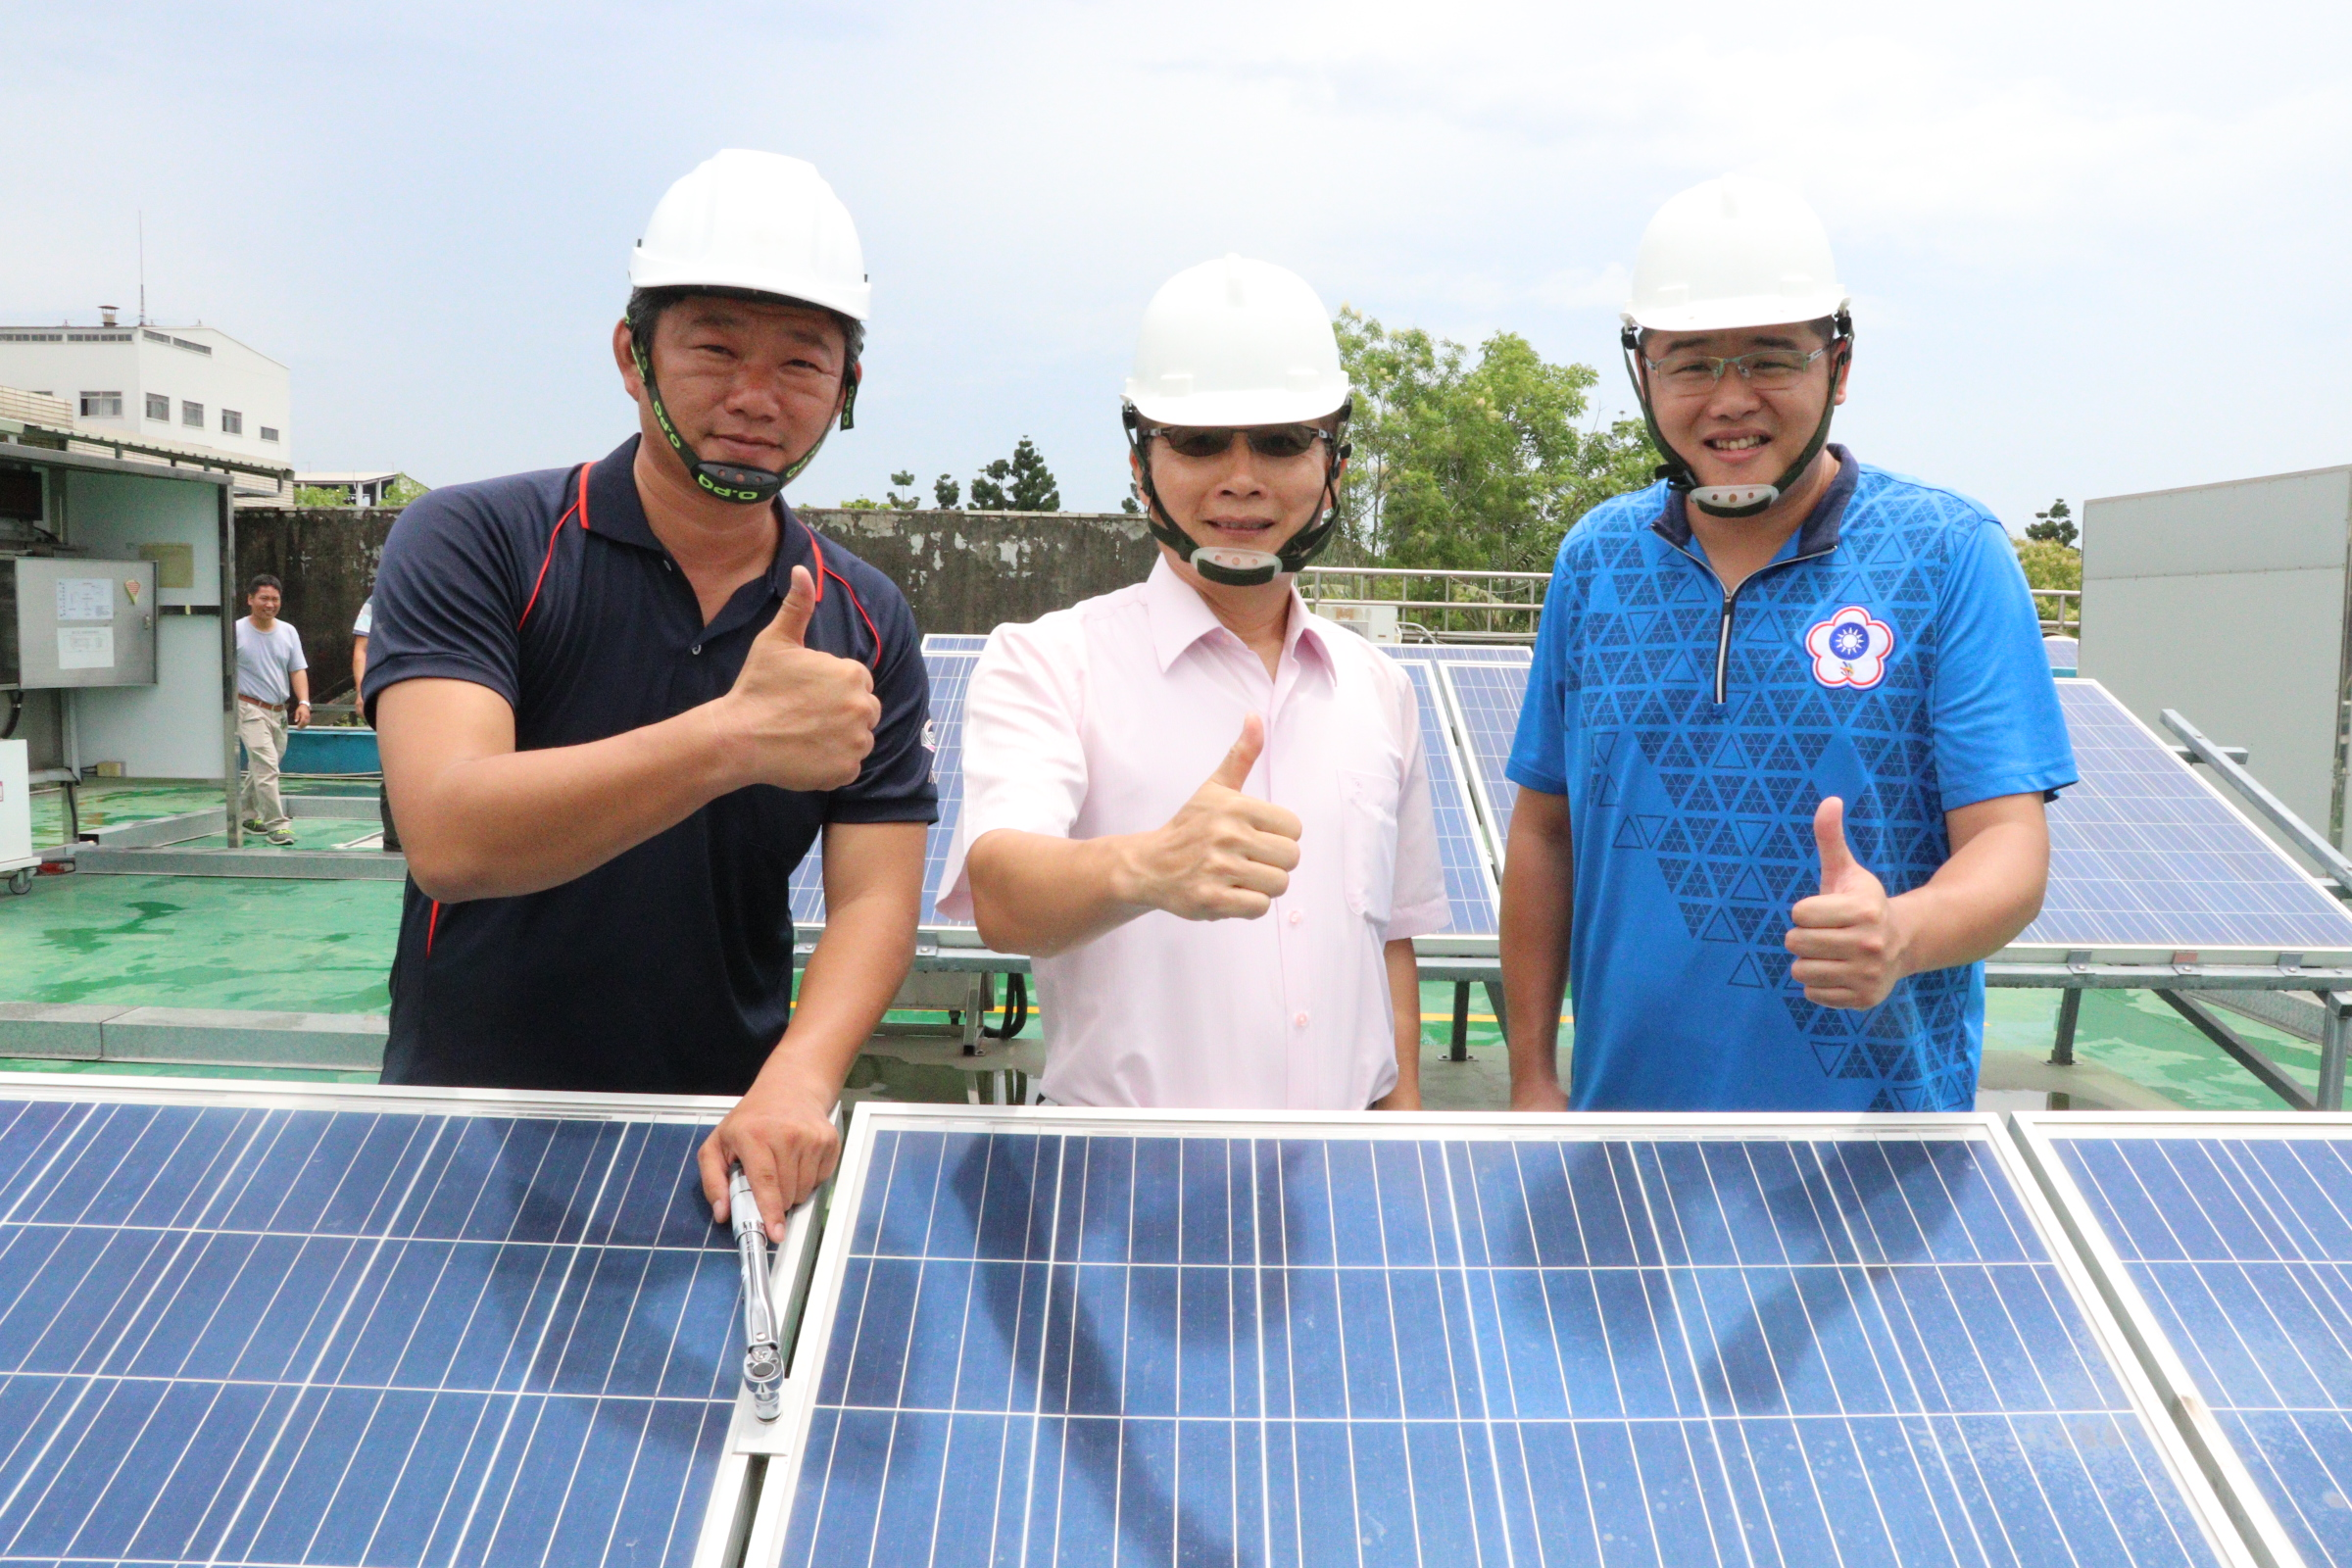 20年軍人轉行太陽能經理 年收逾百萬元